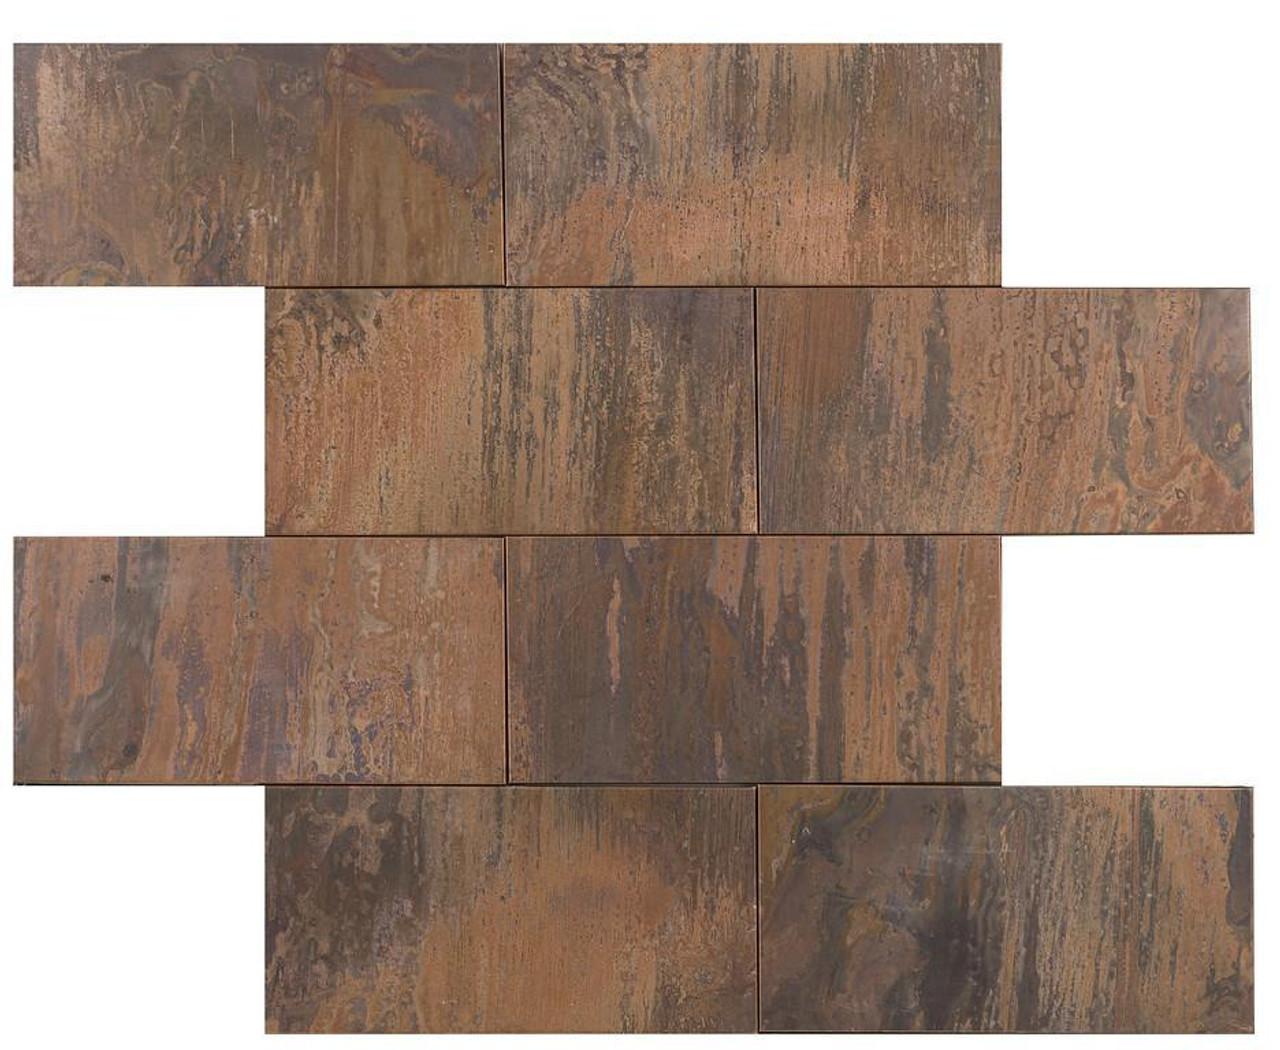 UBC Antique Copper Tile Backsplash 3 x 6